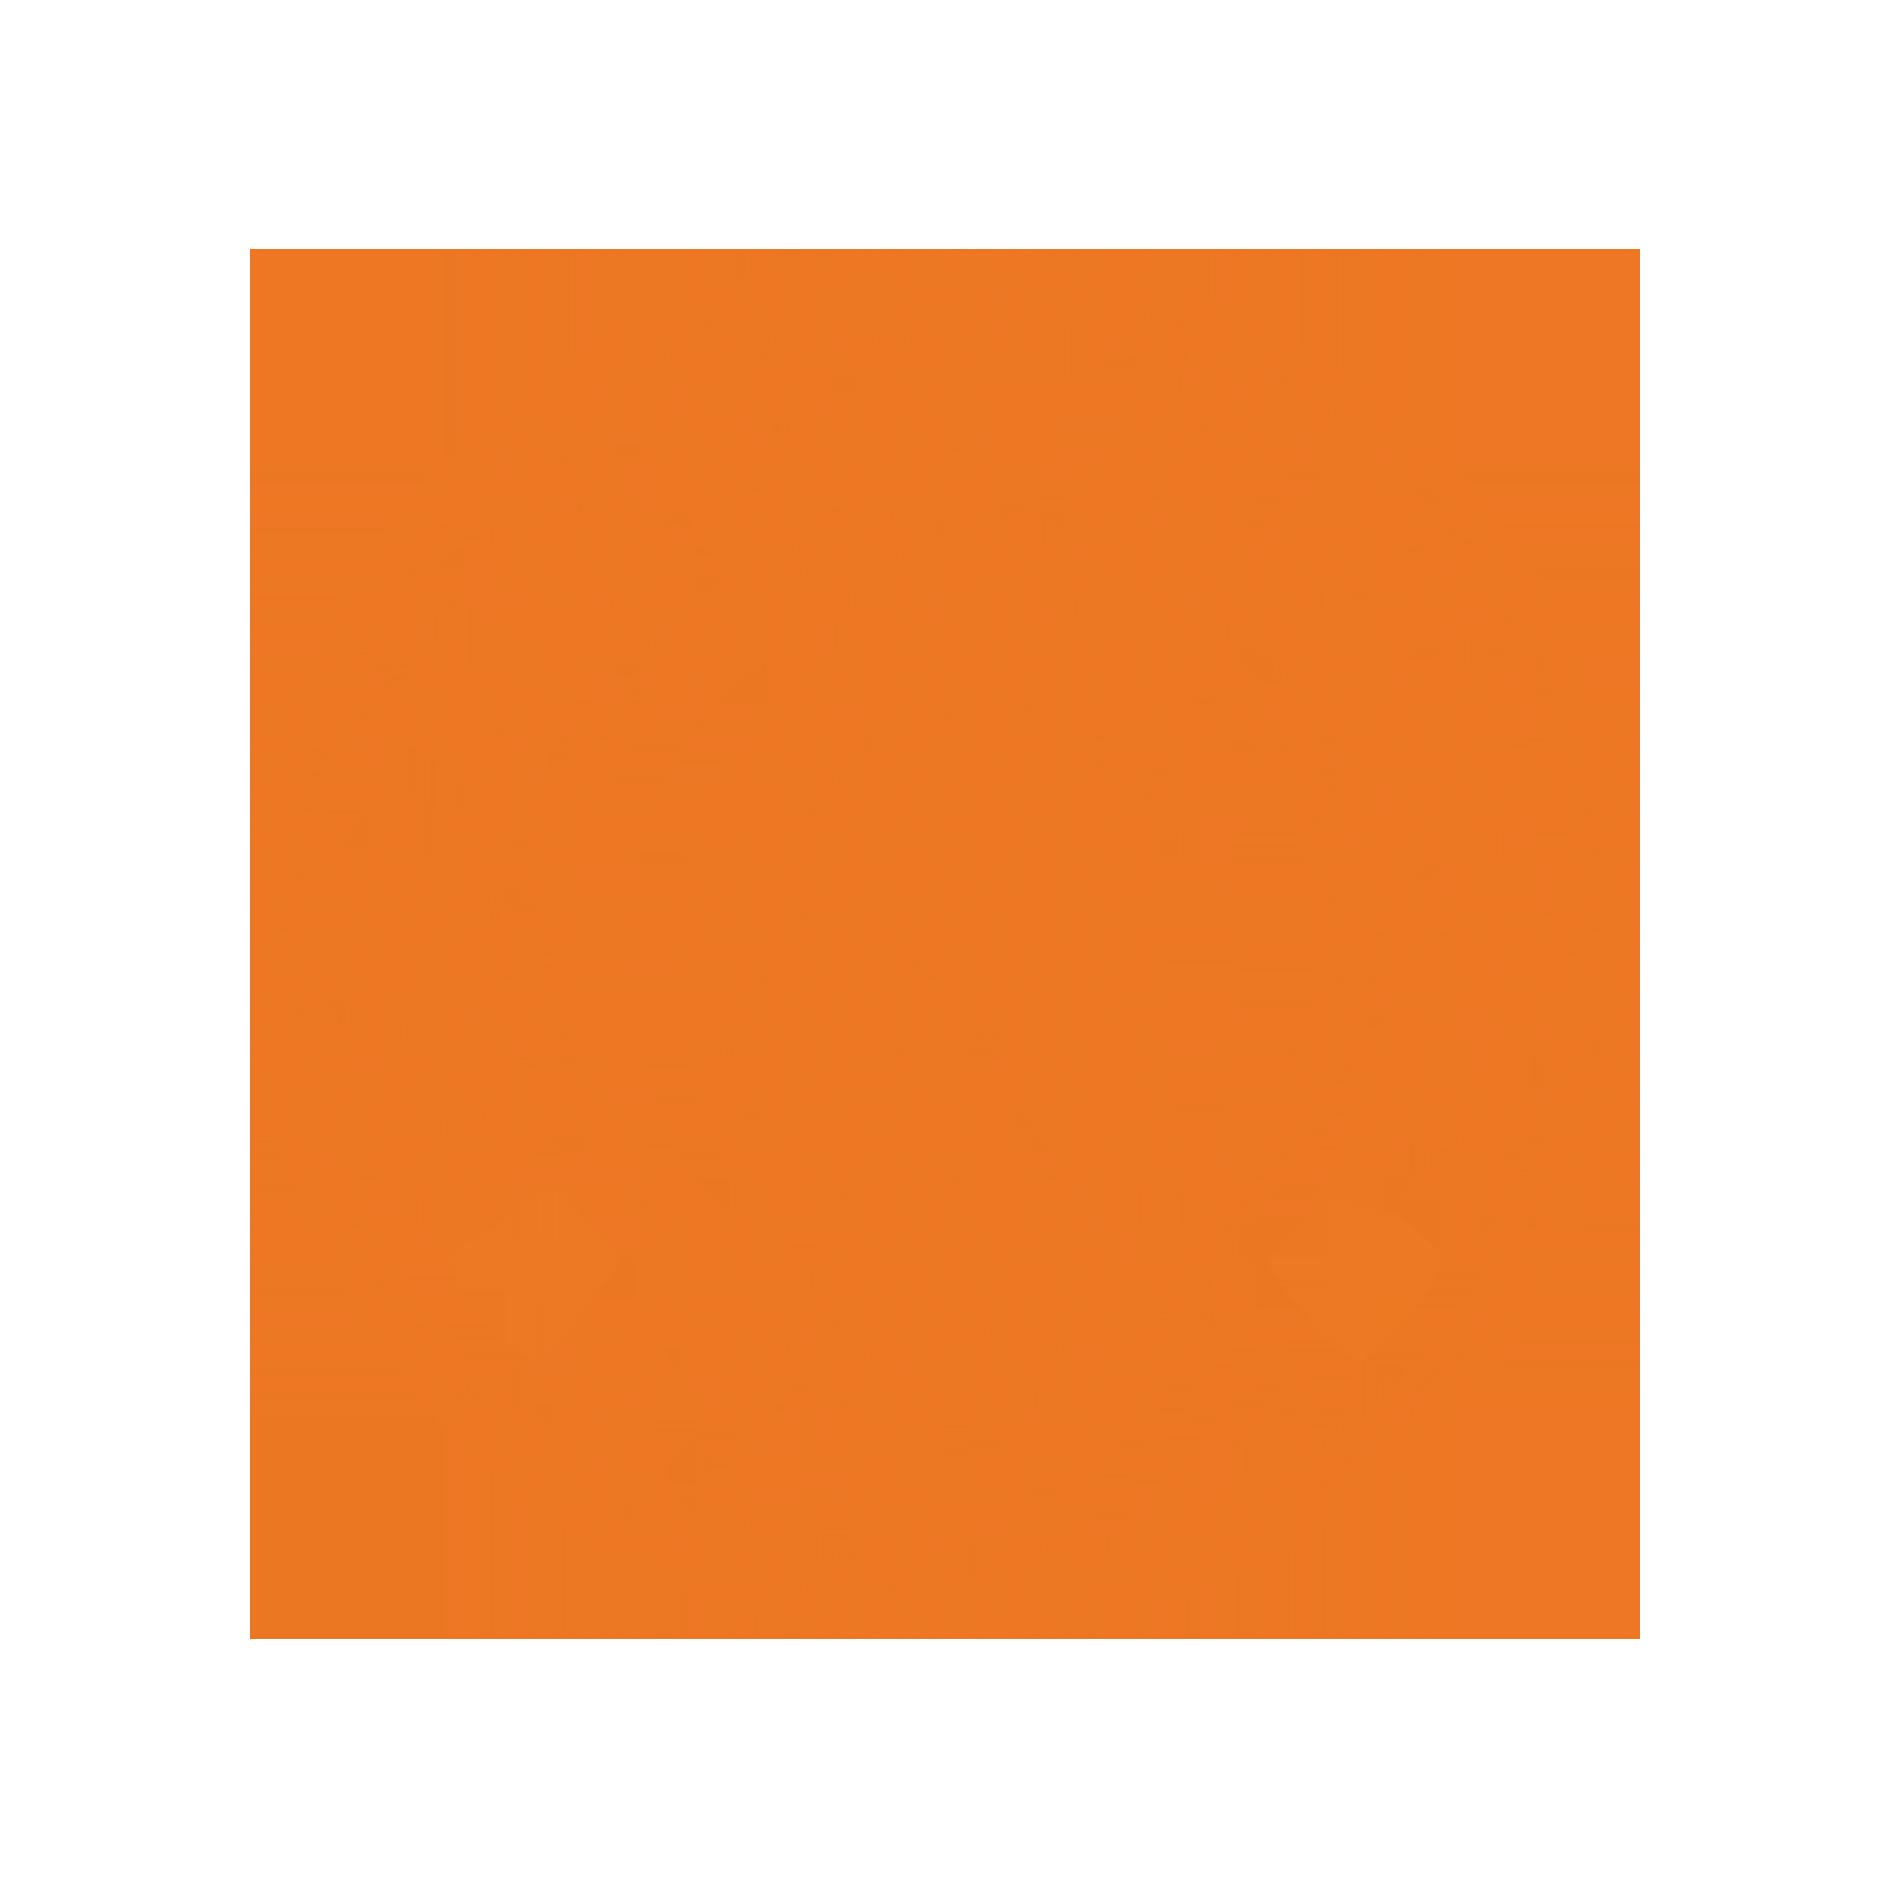 ORANGE HORSE STUDIO